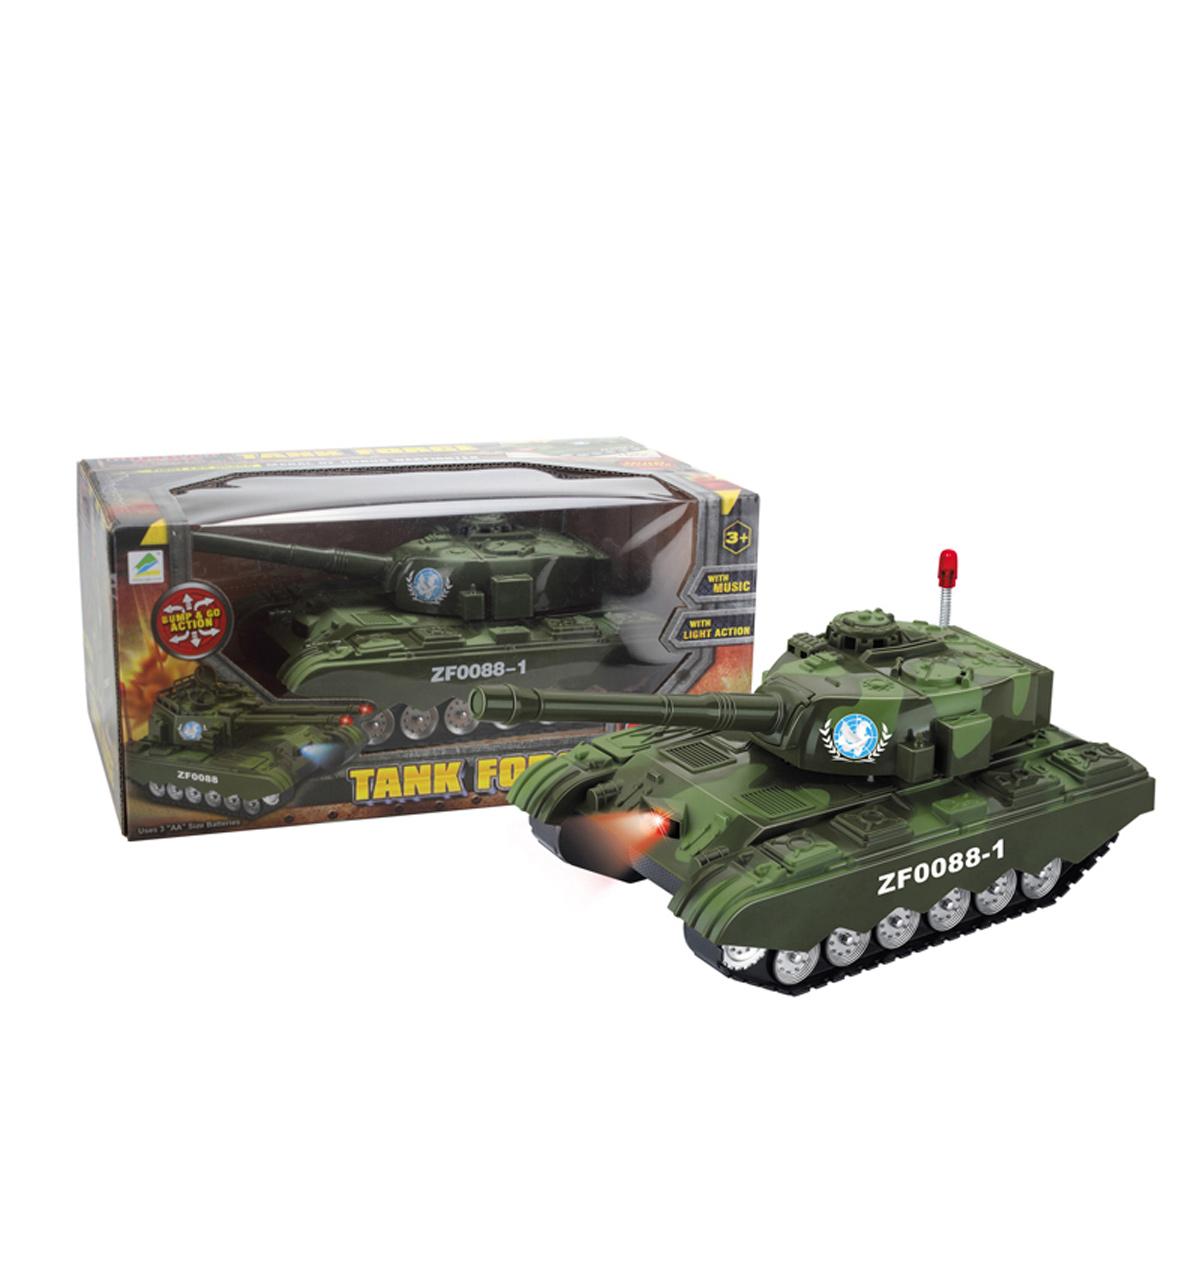 Игрушечный танк на батарейках. Цена, купить Игрушечный ...